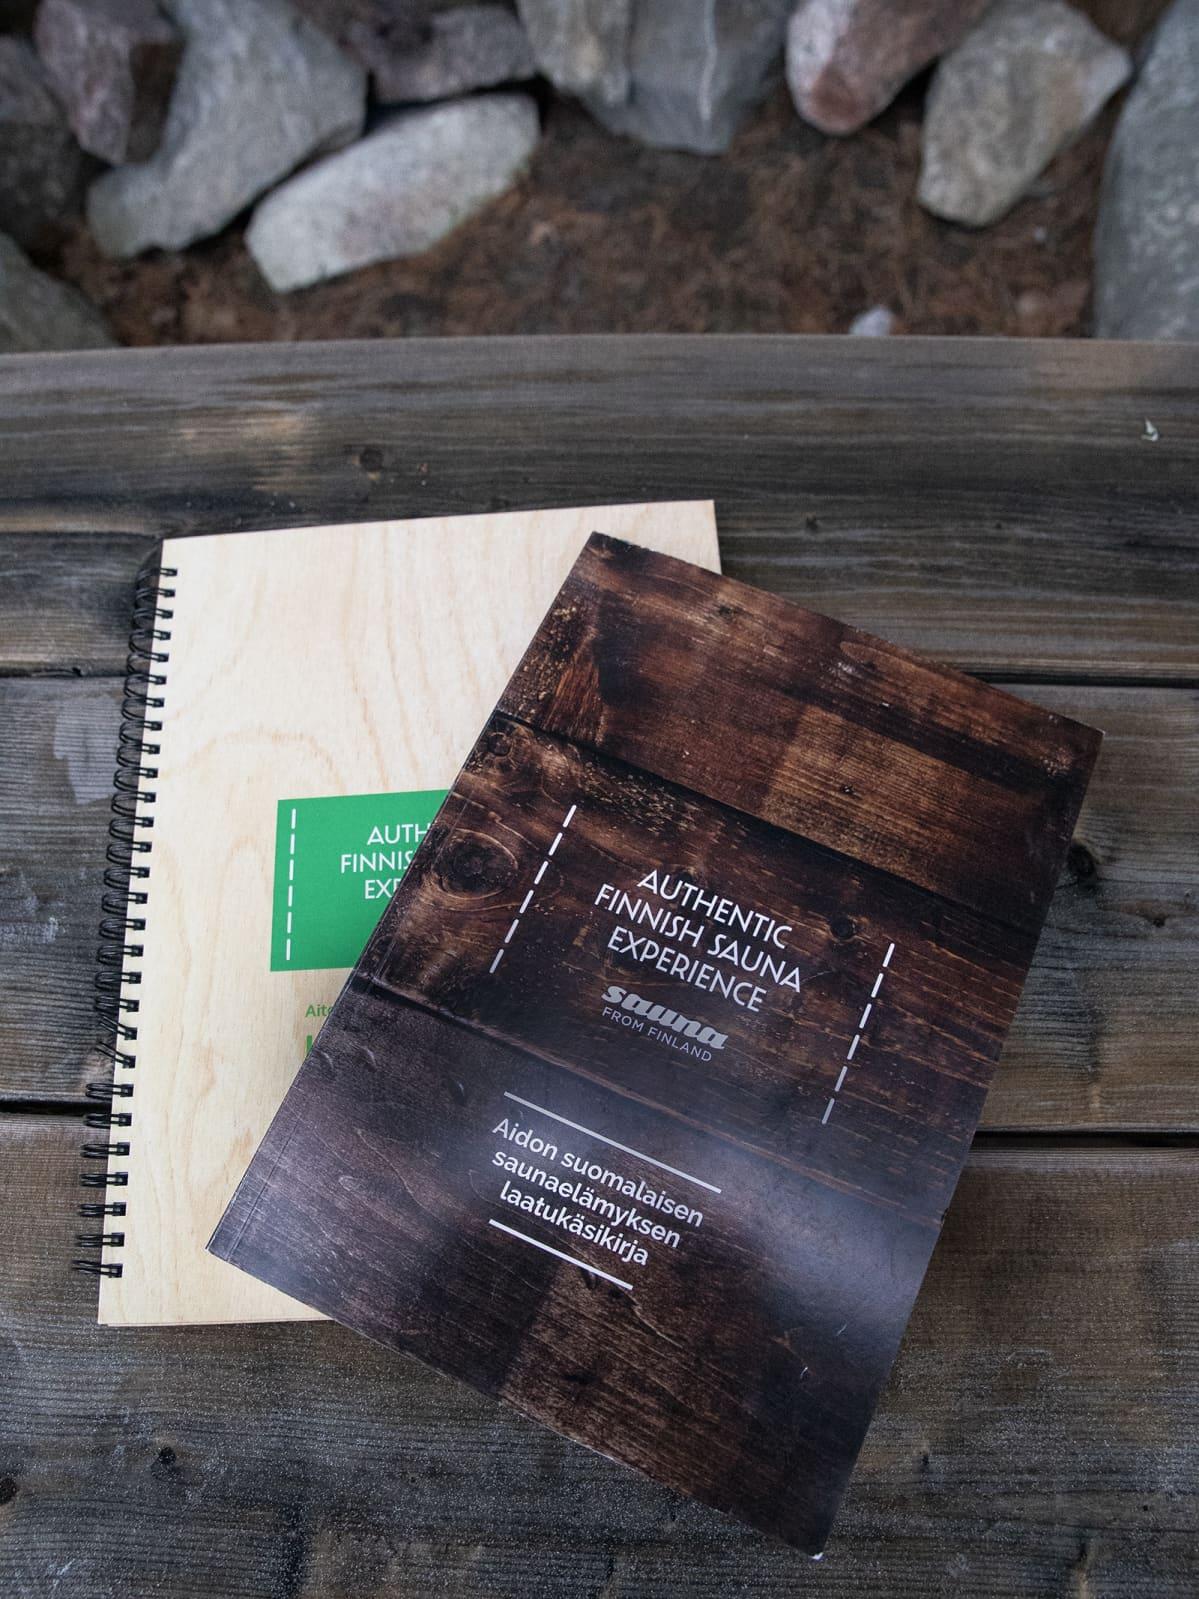 Sauna From Finland julkaisee uuden version Suomalaisen saunan laatukäsikirjasta.